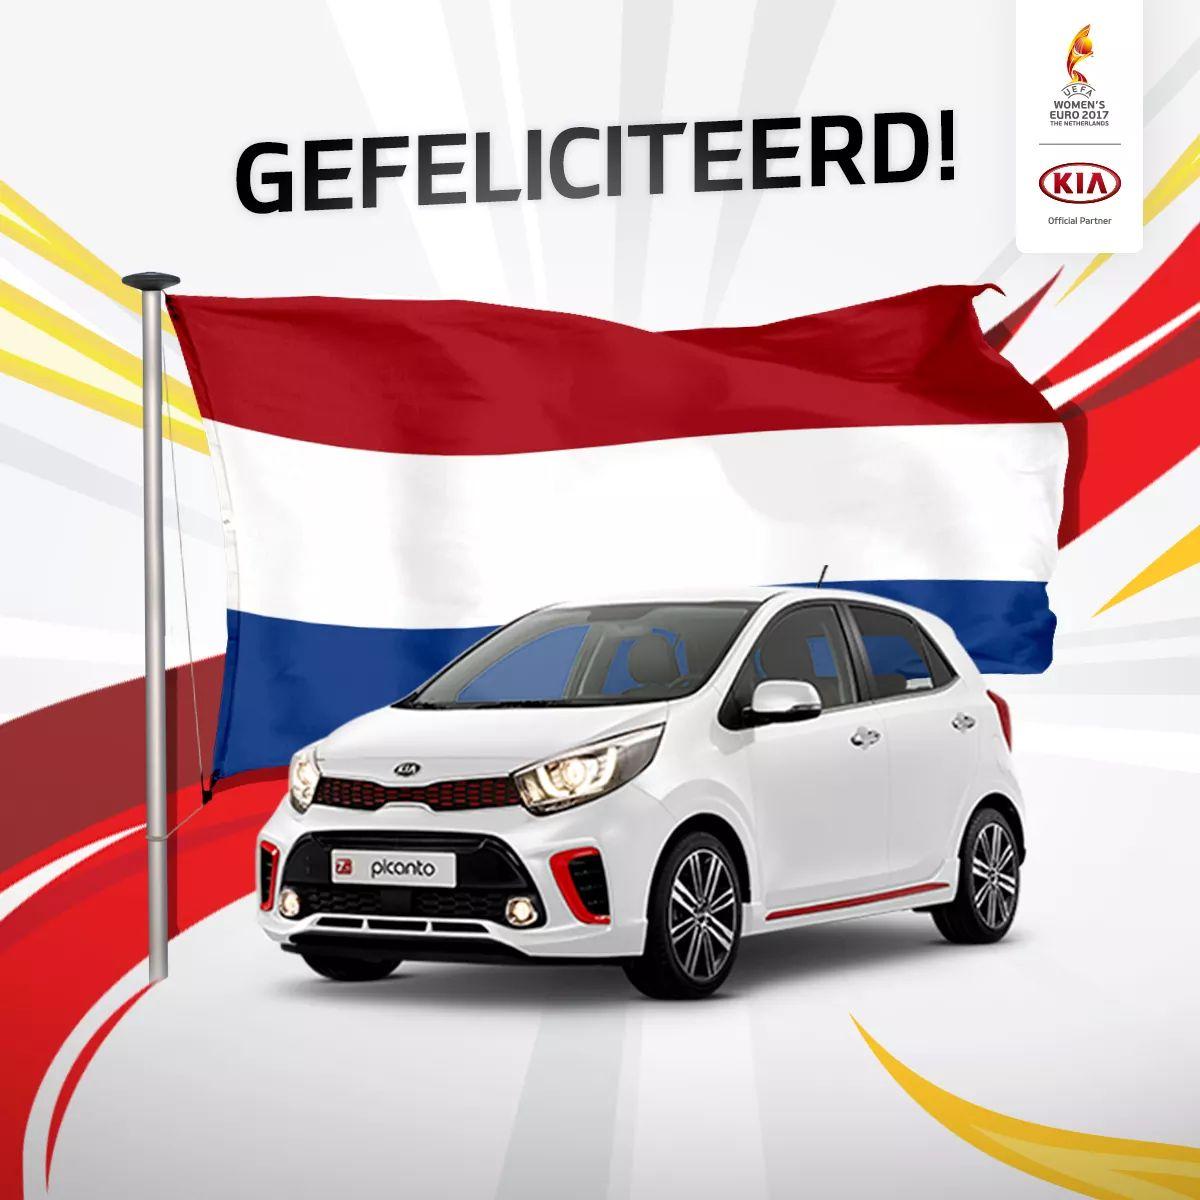 Kia Moters: Kia Motors Nederland (@Kia_Motors_NL)